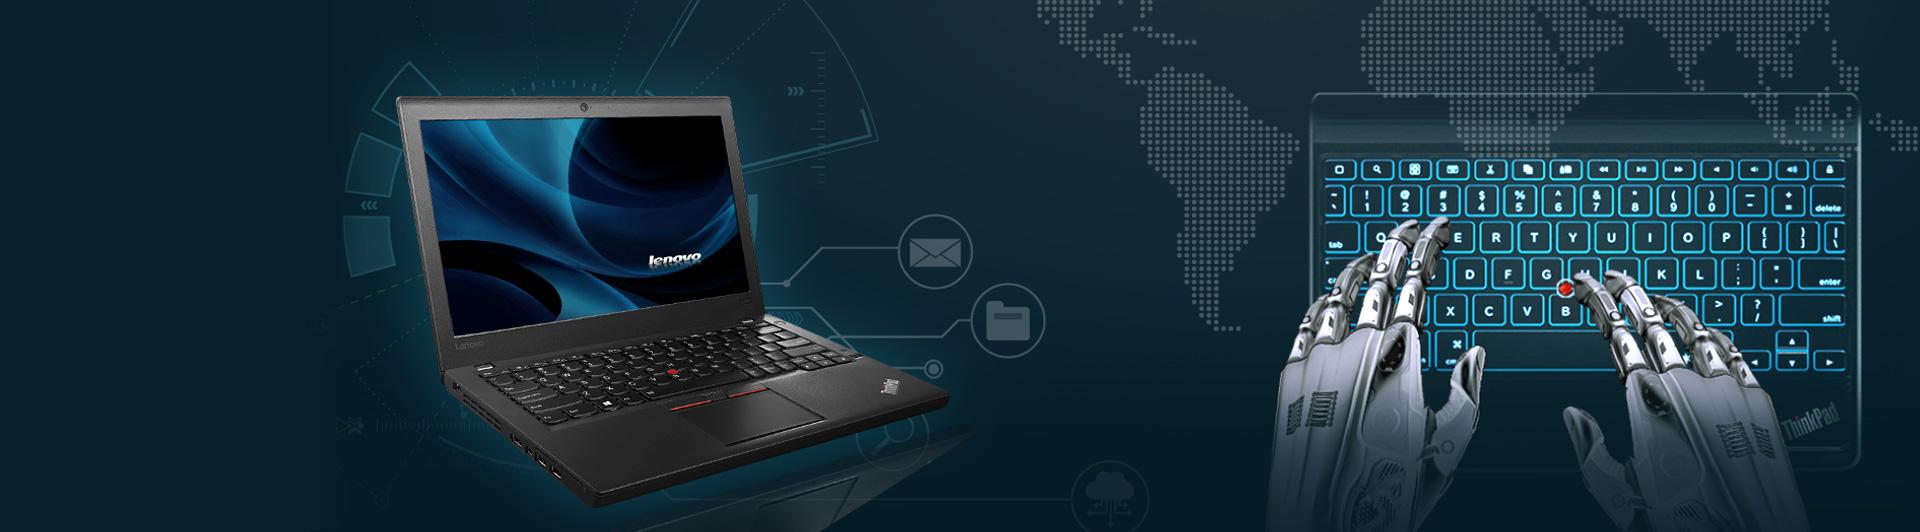 Máy tính xách tay Lenovo Thinkpad X260 (Core I7/Ram 4GB) chất lượng cao